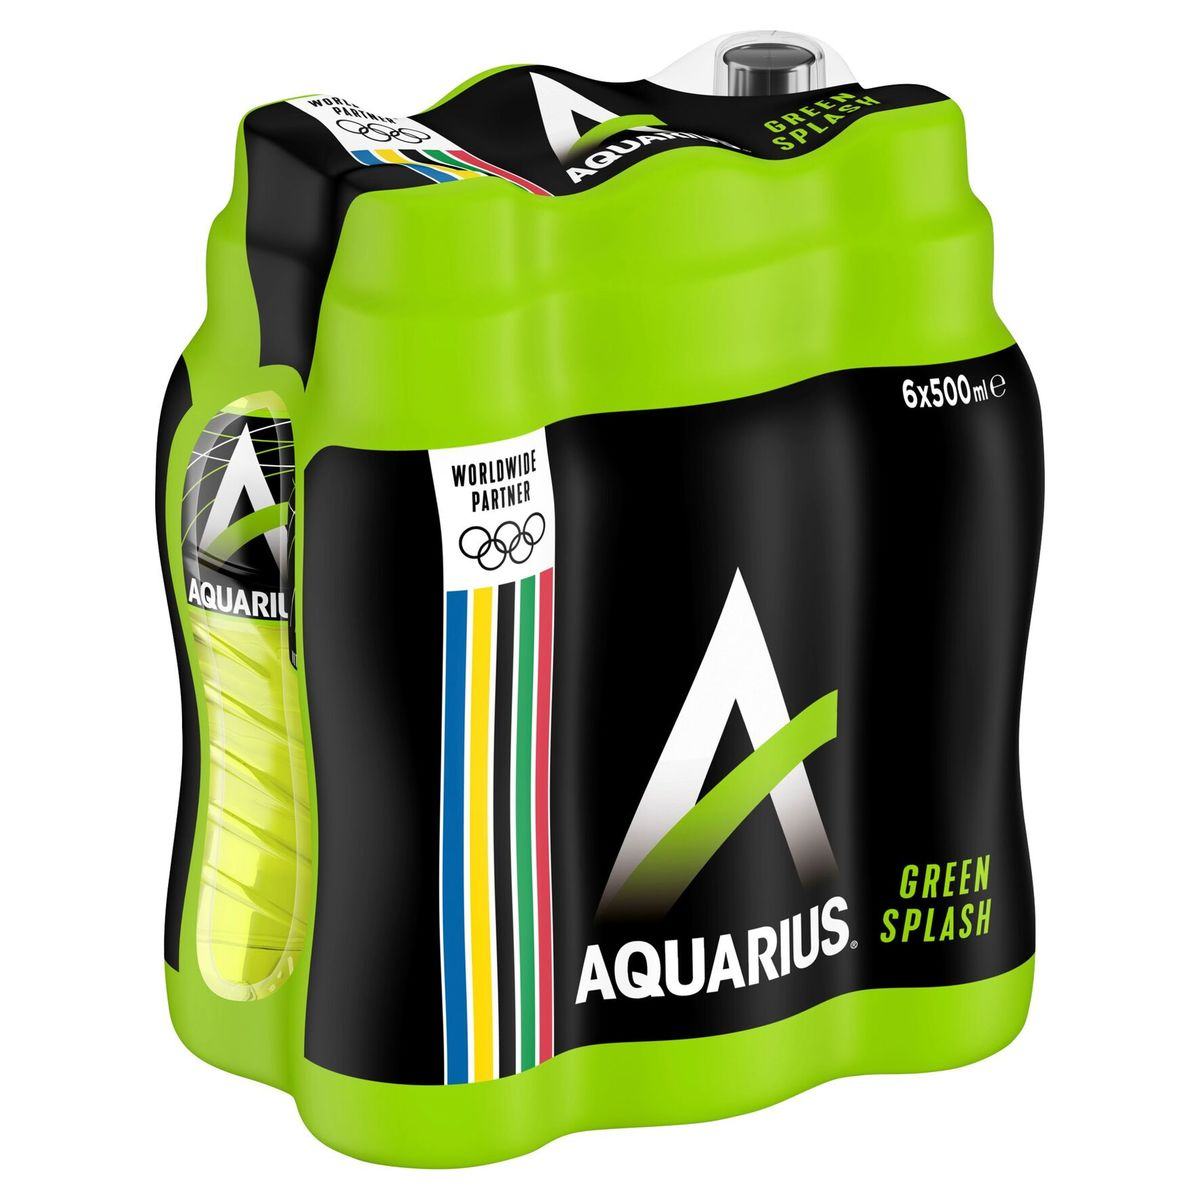 Aquarius Green Splash 6 x 500 ml